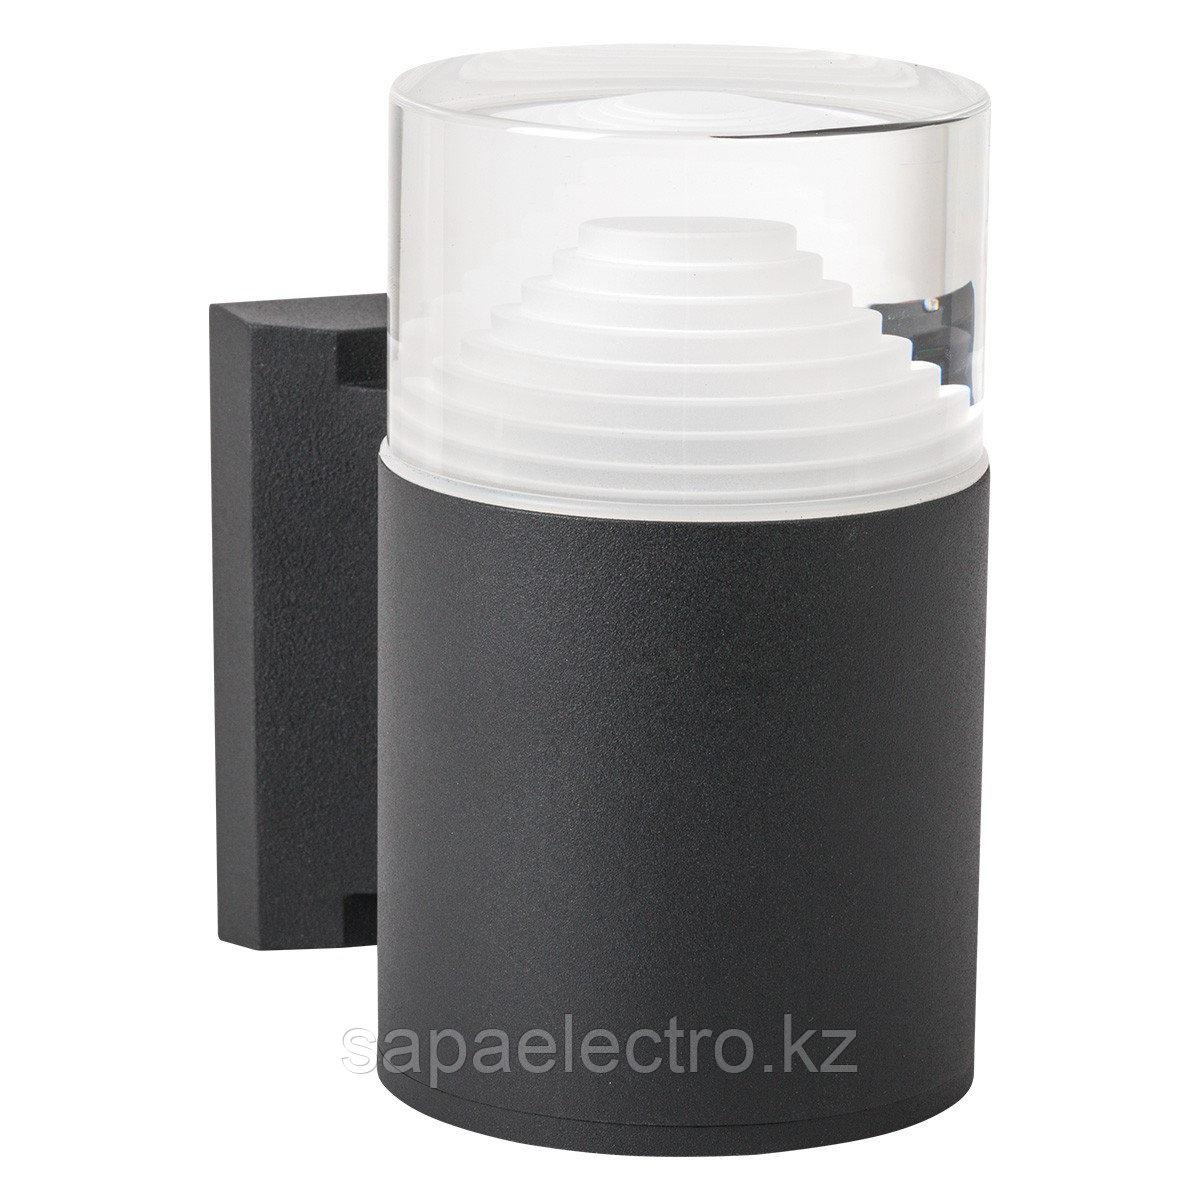 Свет-к LED  B2167 5W Black 4000K  (TS) 10шт